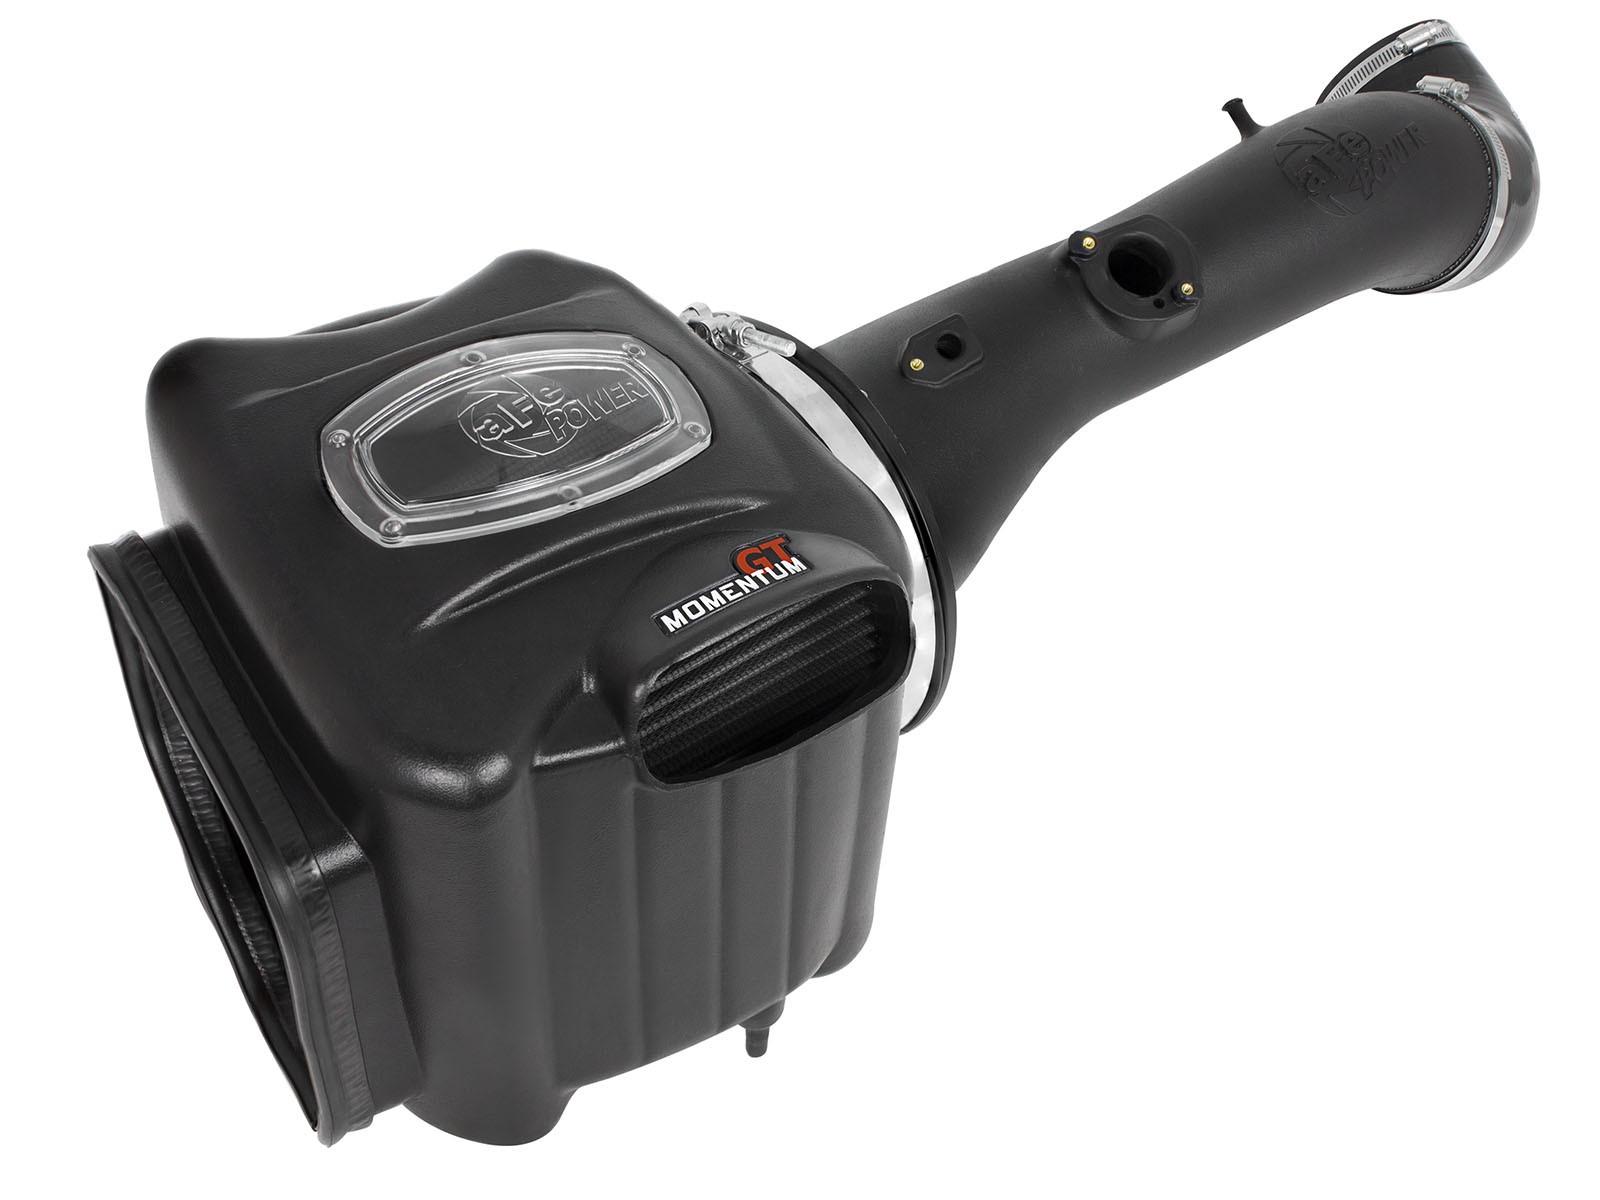 EGR Delete for 03-07 Ford 6.0L V8 Diesel Cold Air Intake Kit /& HI FLOW Filter